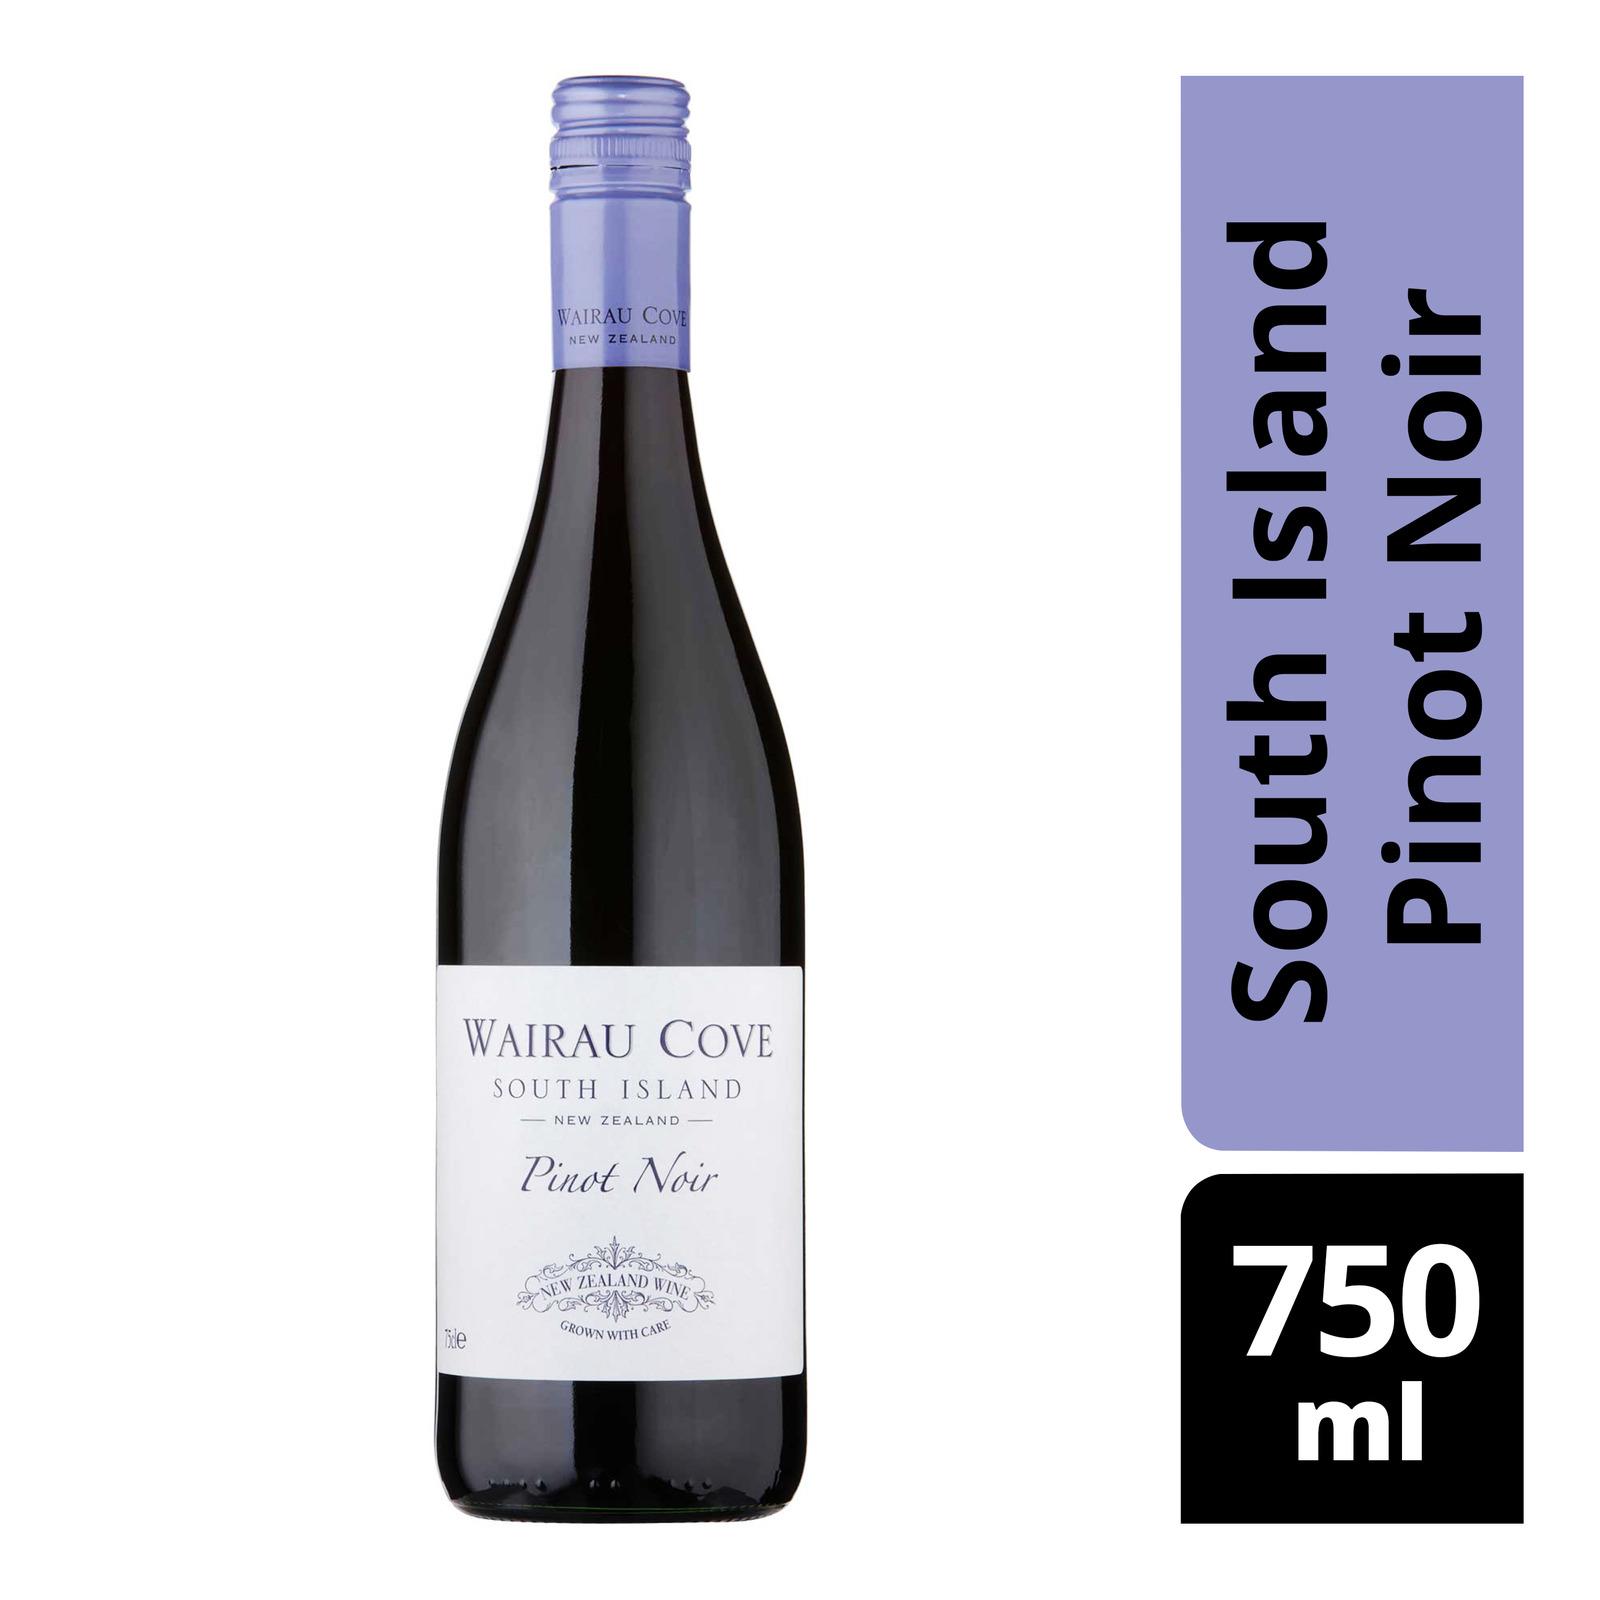 Tesco Wairau Cove White Wine - South Island Pinot Noir